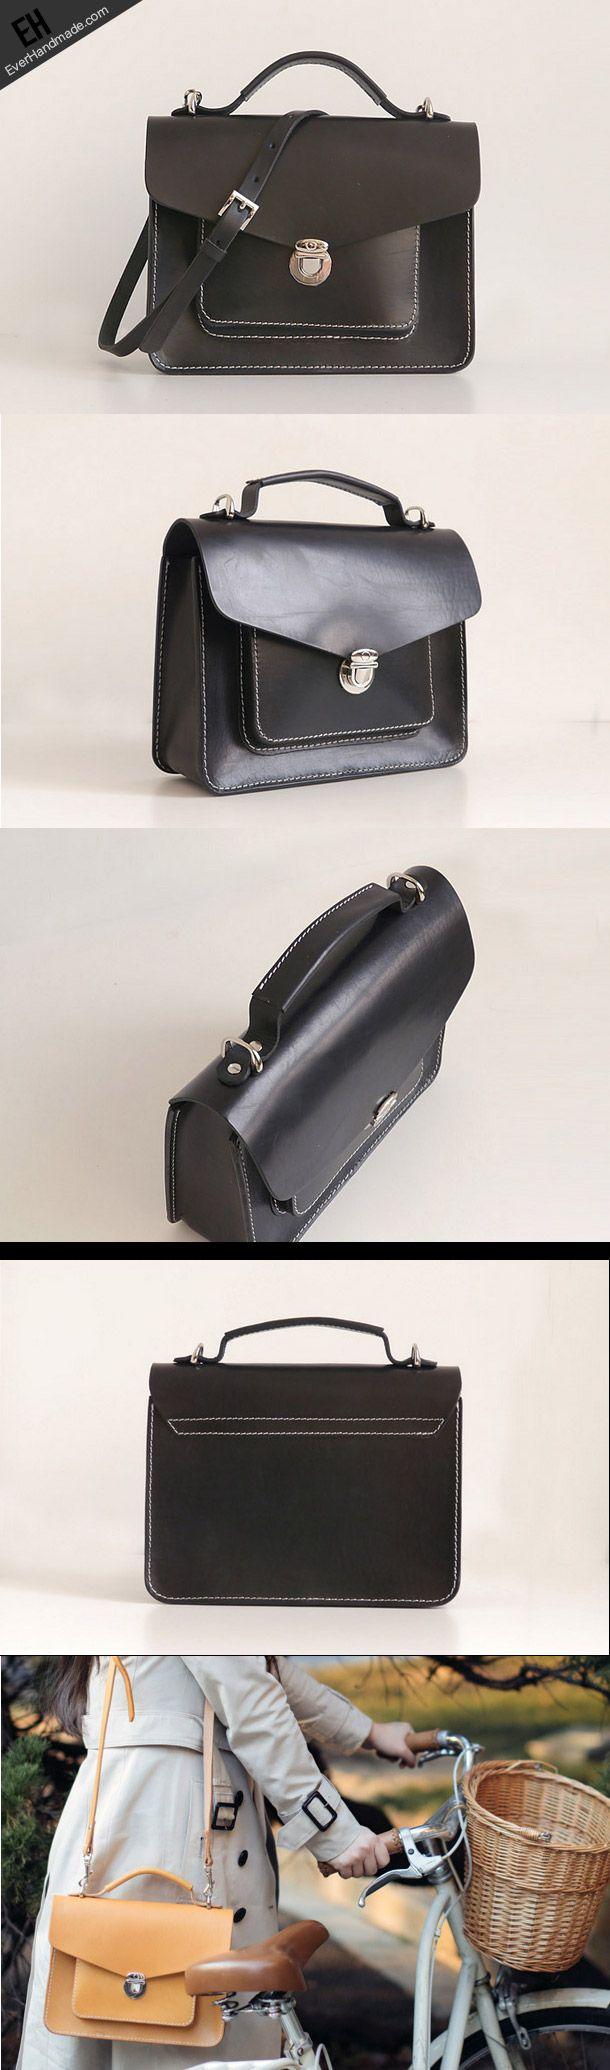 Handmade Leather satchel bag shoulder bag small black for women leather shoulder bag